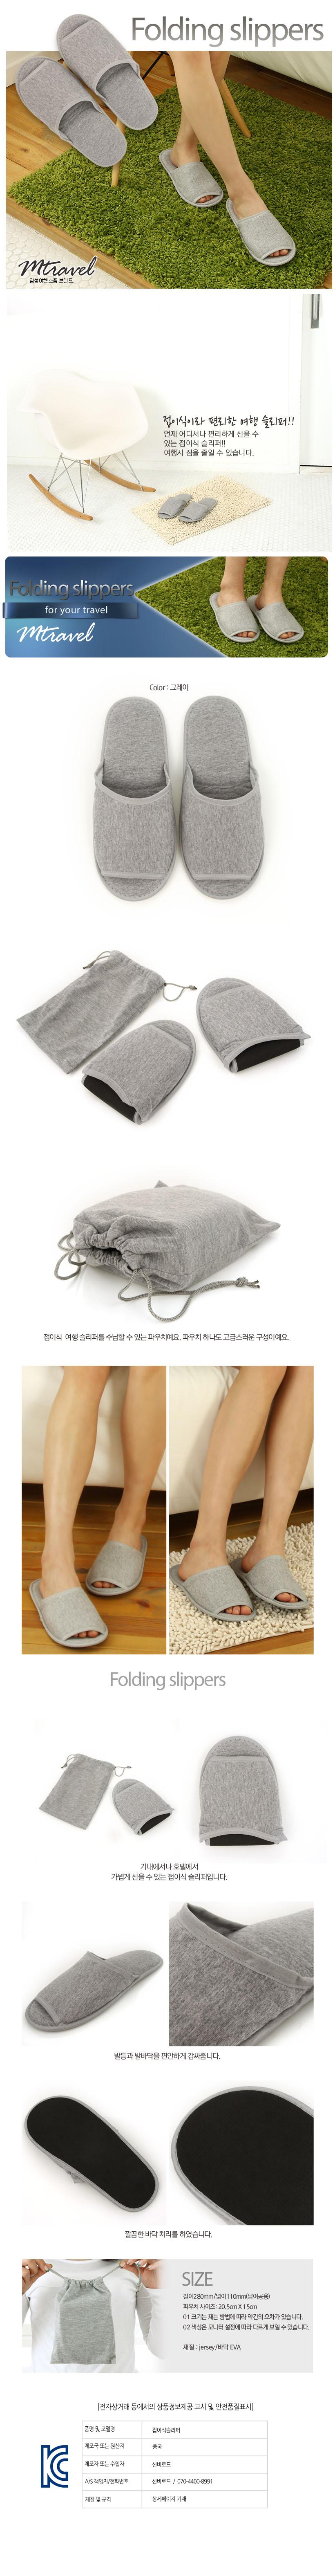 휴대용 접이식슬리퍼+파우치 - 엠트래블, 6,000원, 편의용품, 목쿠션/안대/슬리퍼